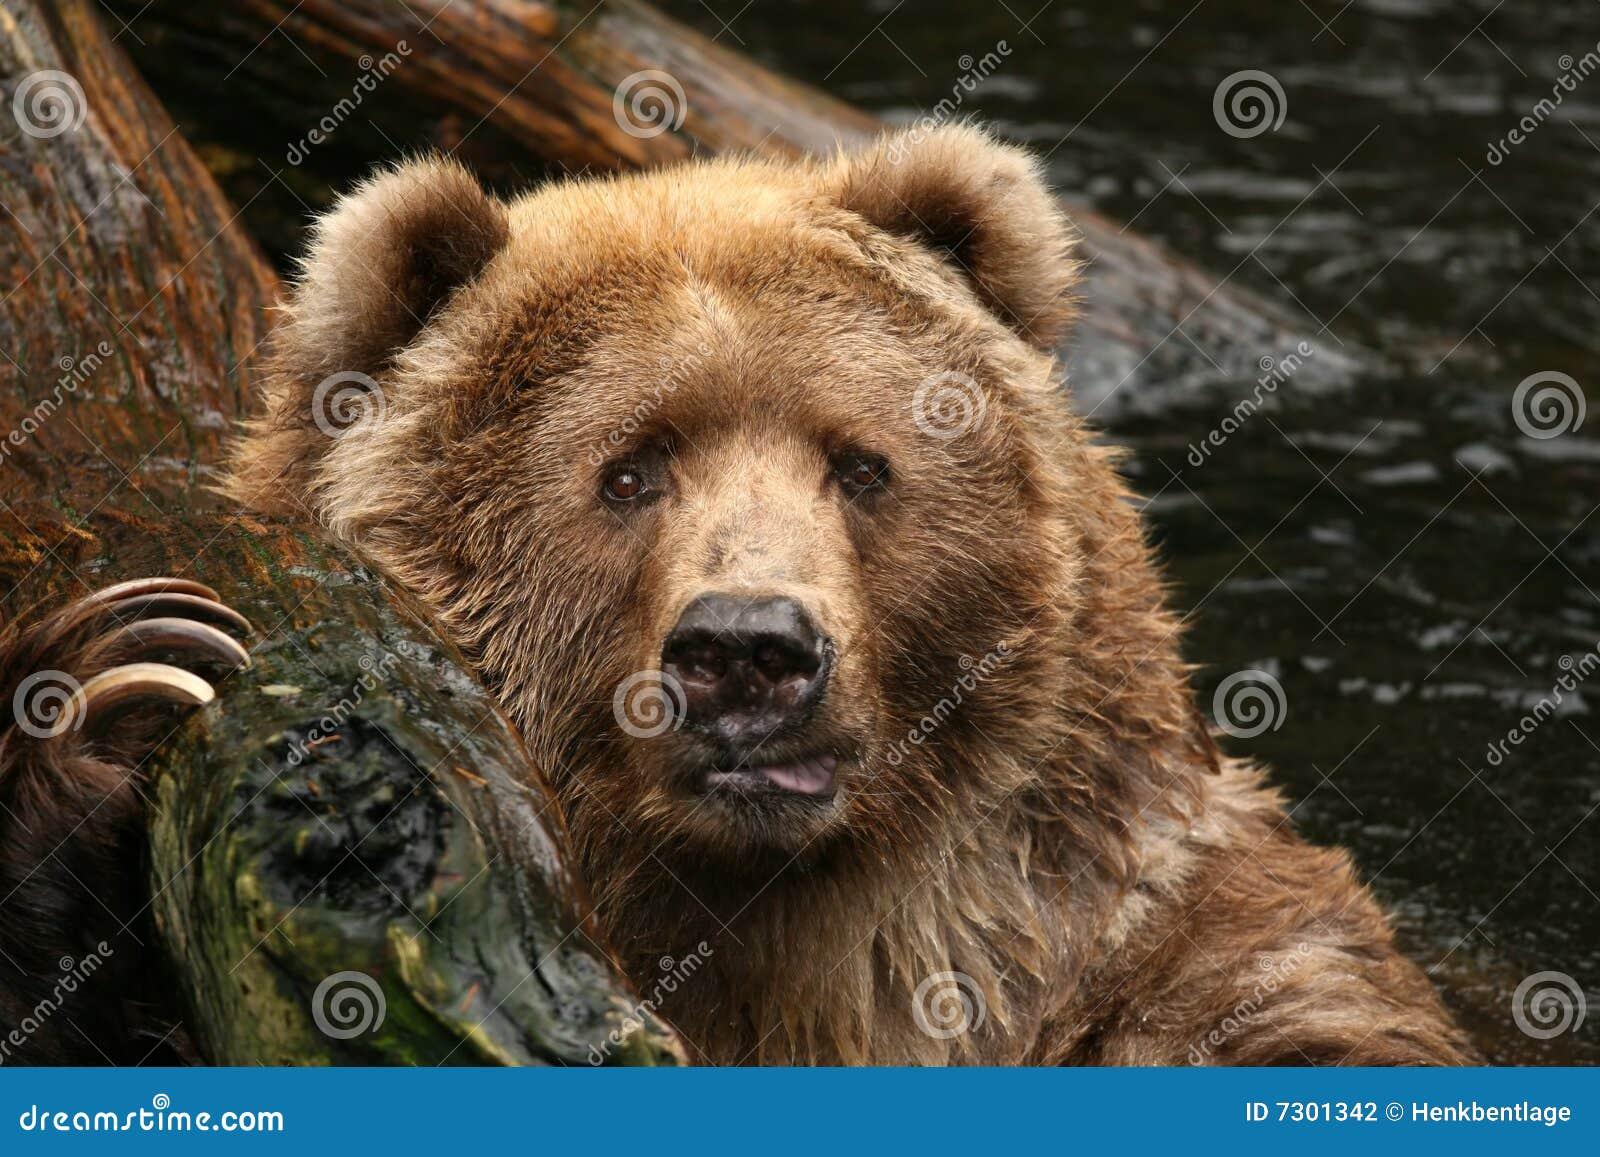 Tiere: Bär, der Sie betrachtet